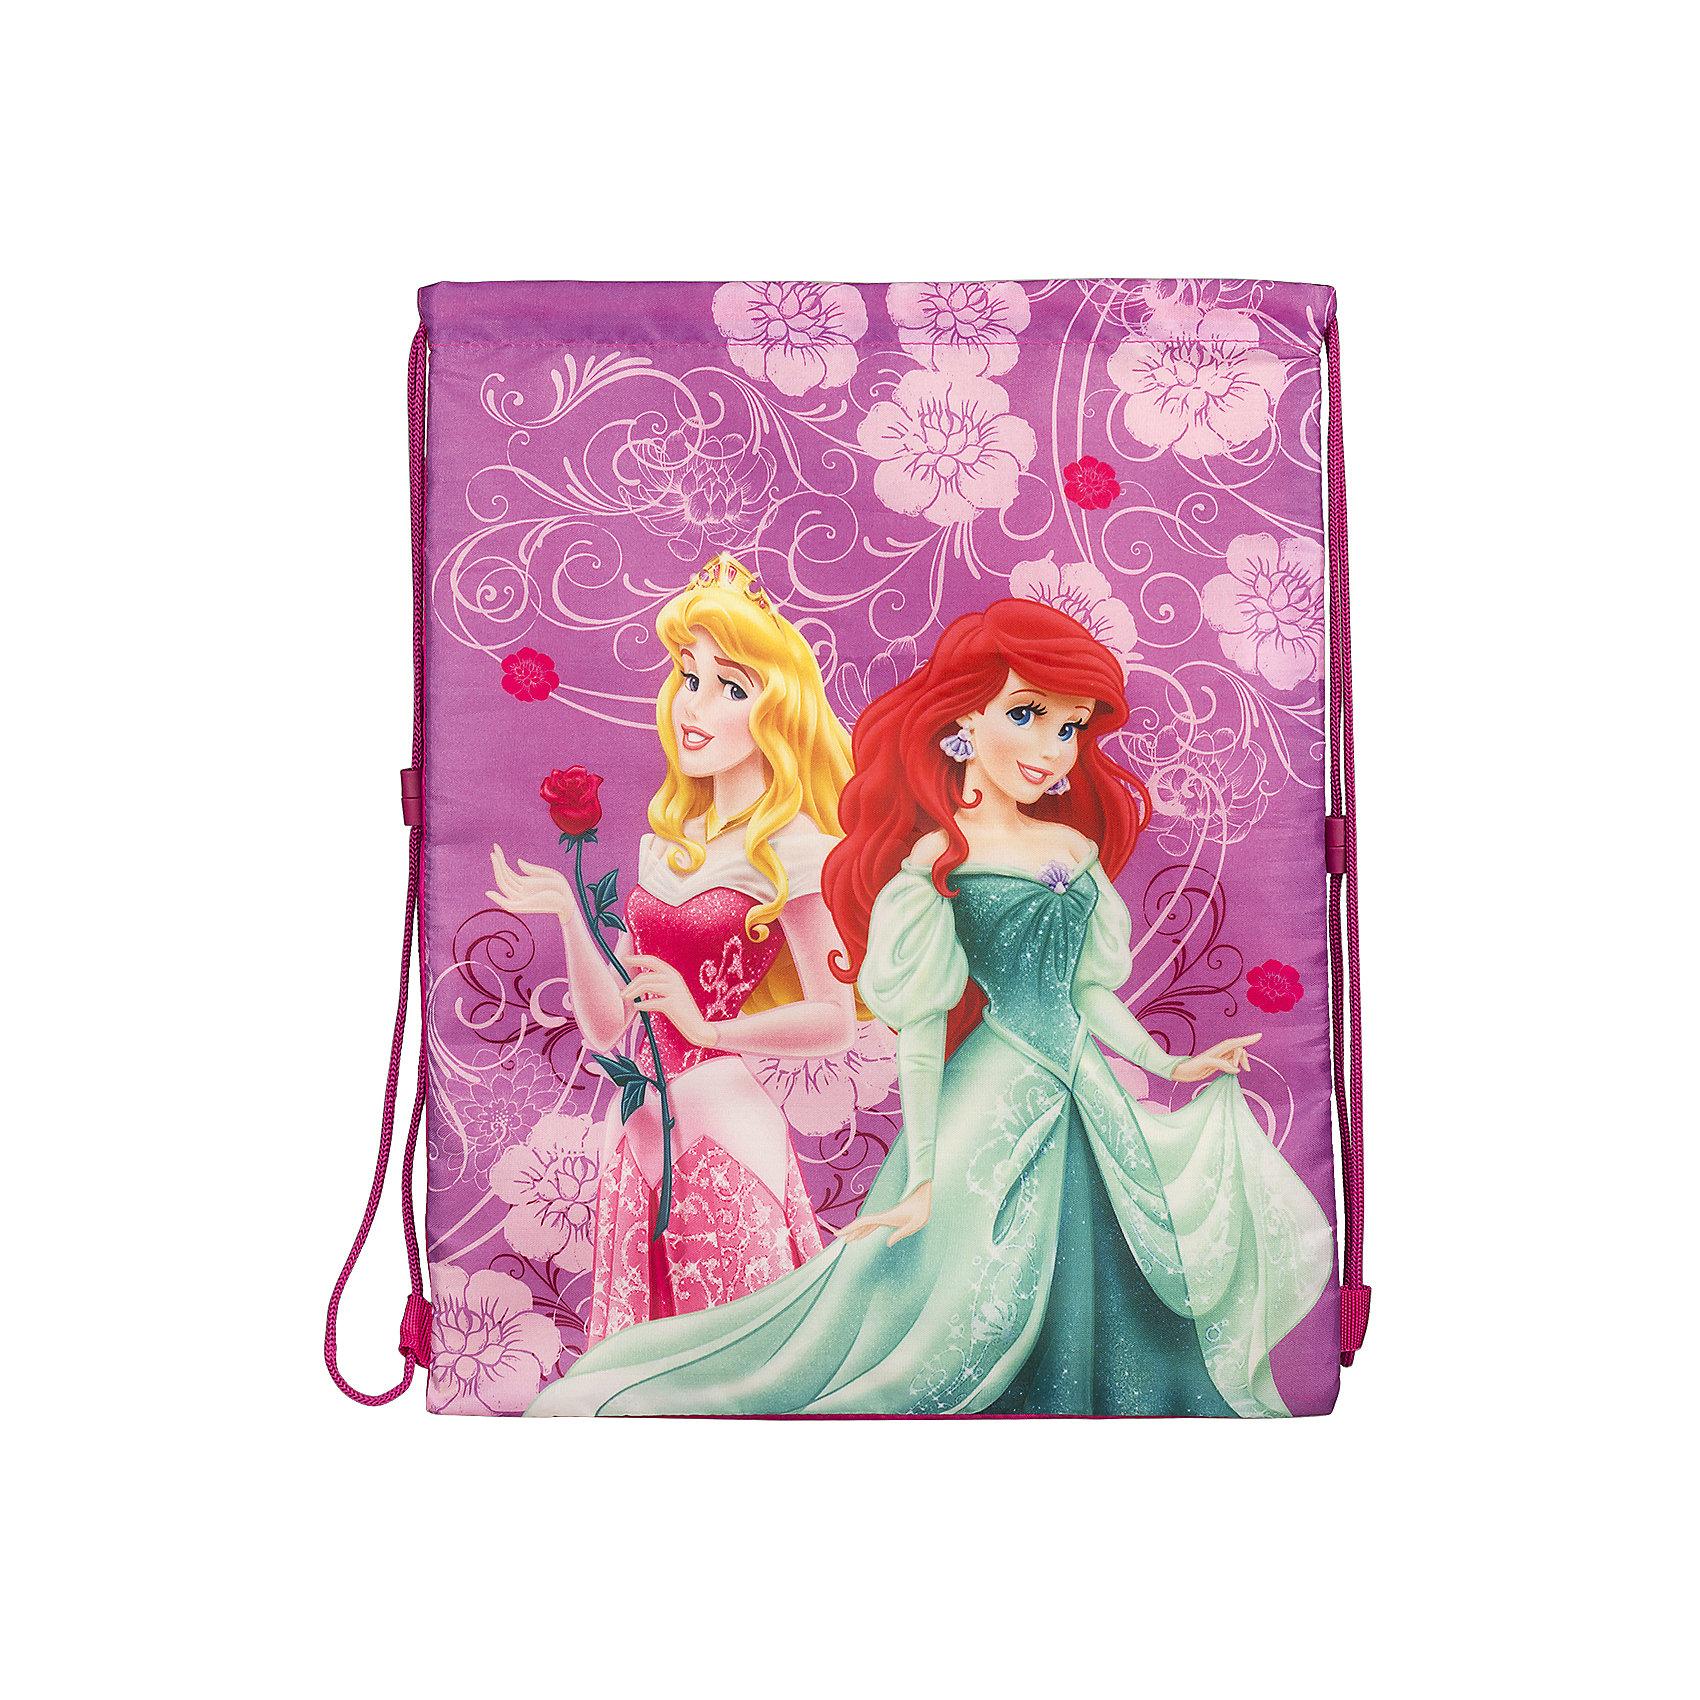 Академия групп Сумка-рюкзак для обуви, Принцессы Дисней академия групп жесткий пенал золушка принцессы дисней